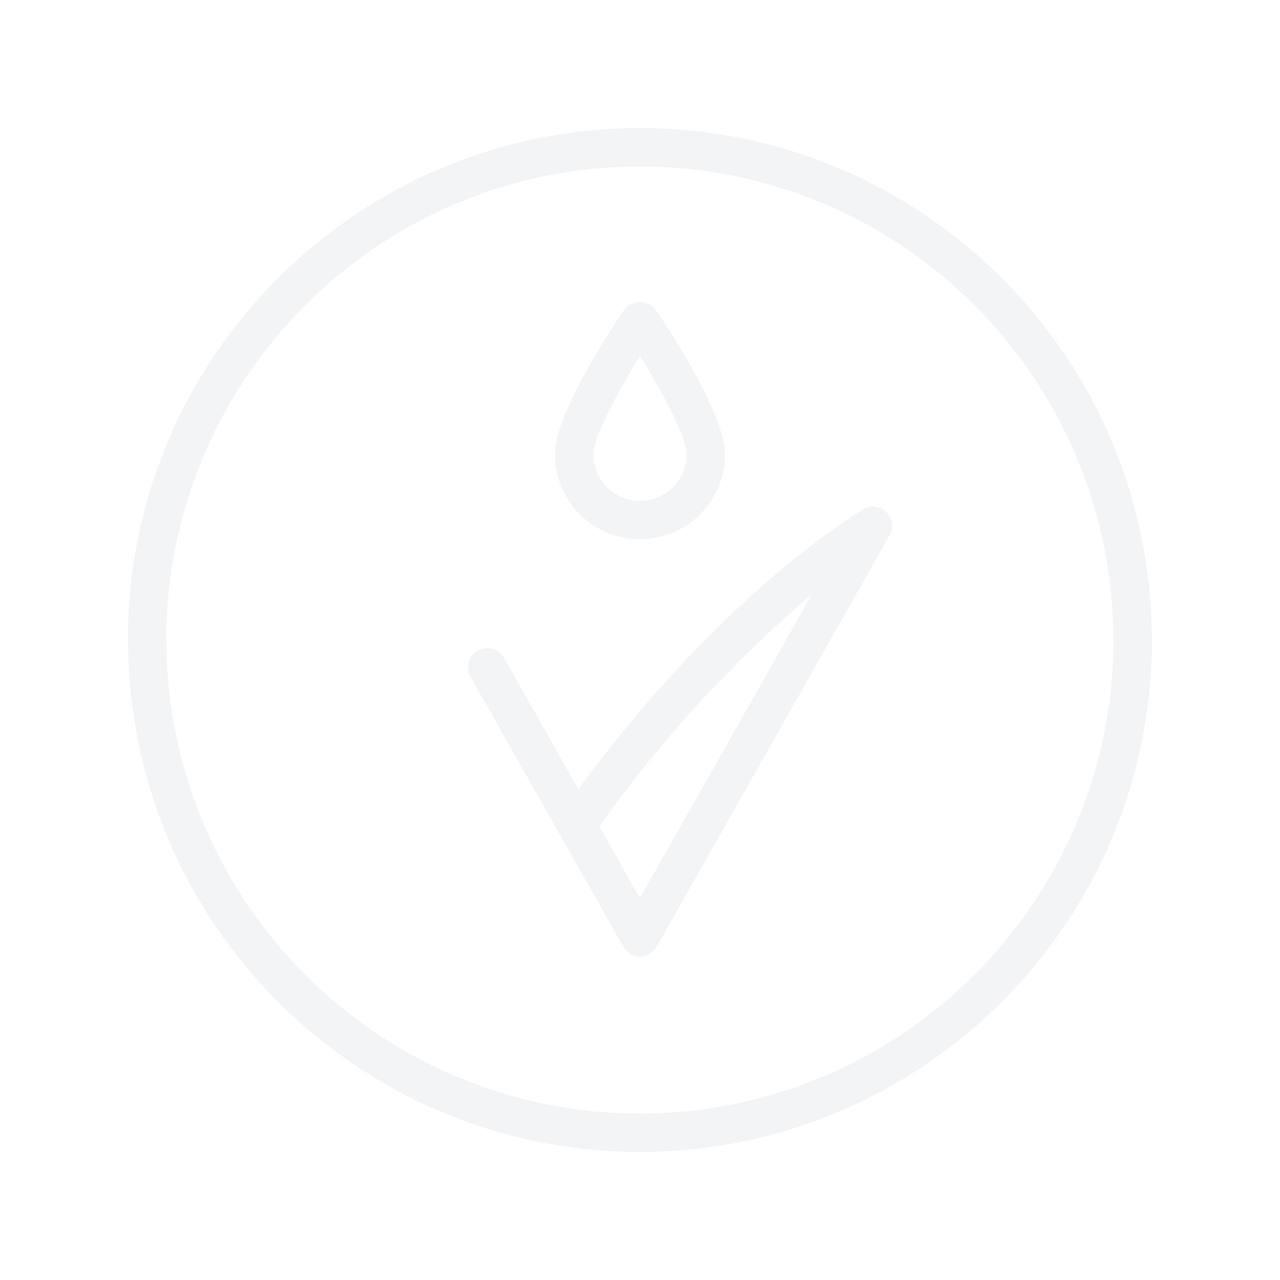 HOLIKA HOLIKA Pig-Nose Clear Black Head Peeling Massage Gel очищающая маска 30ml